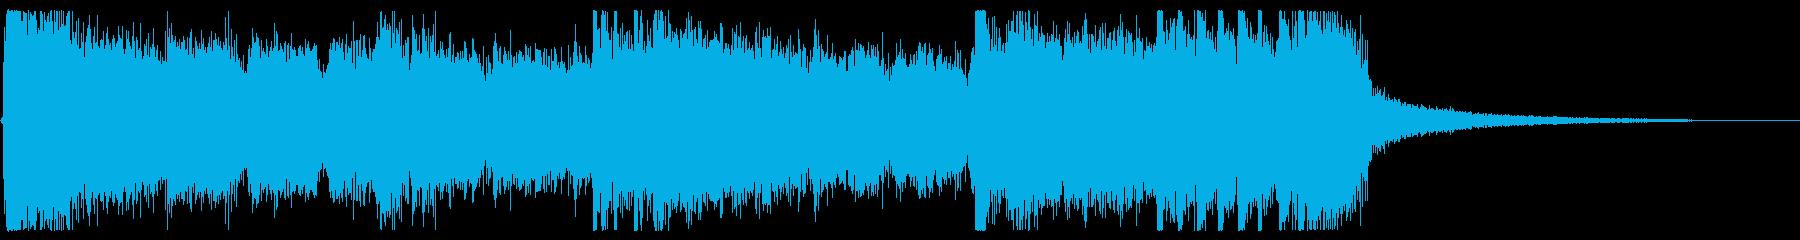 ジングル5秒でテンションMAX!ROCKの再生済みの波形